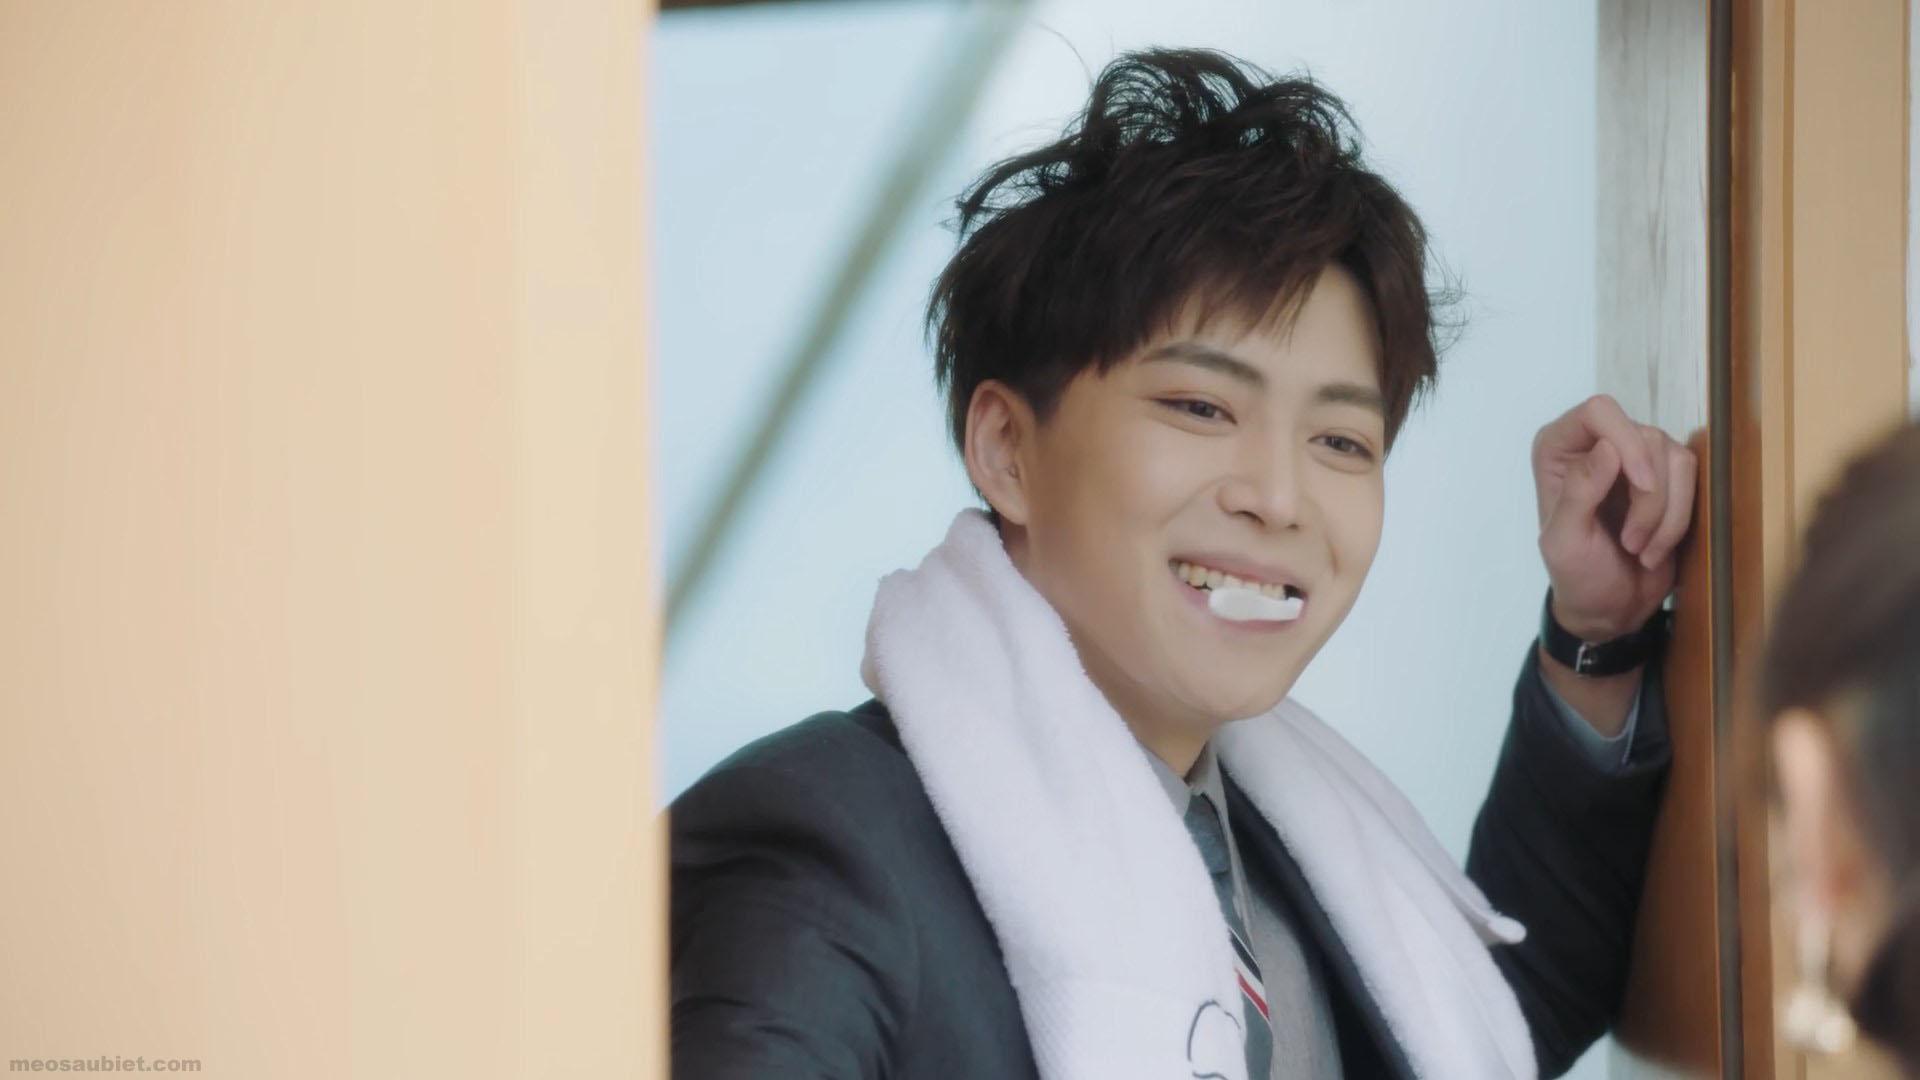 Ai cũng khao khát gặp được em 2020 Lưu Triết Nhĩ trong vai Tiêu Chính Nam